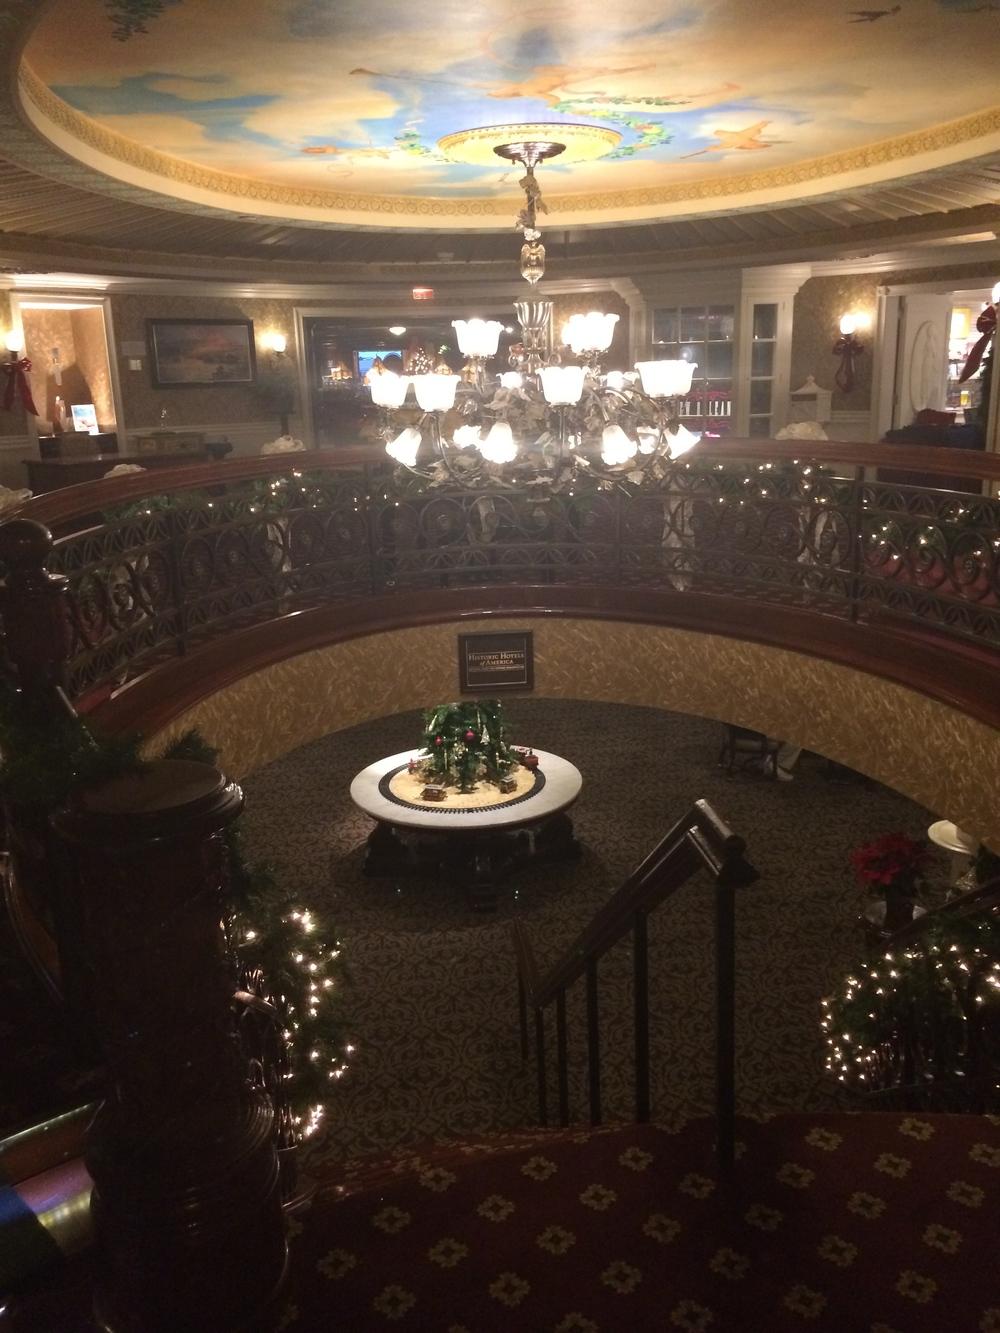 Escadaria que dá acesso ao primeiro piso do barco, onde ficavam o teatro, o bar, o piano lounge e o restaurante. Pra ver mais fotos do interior do barco, clique aqui.